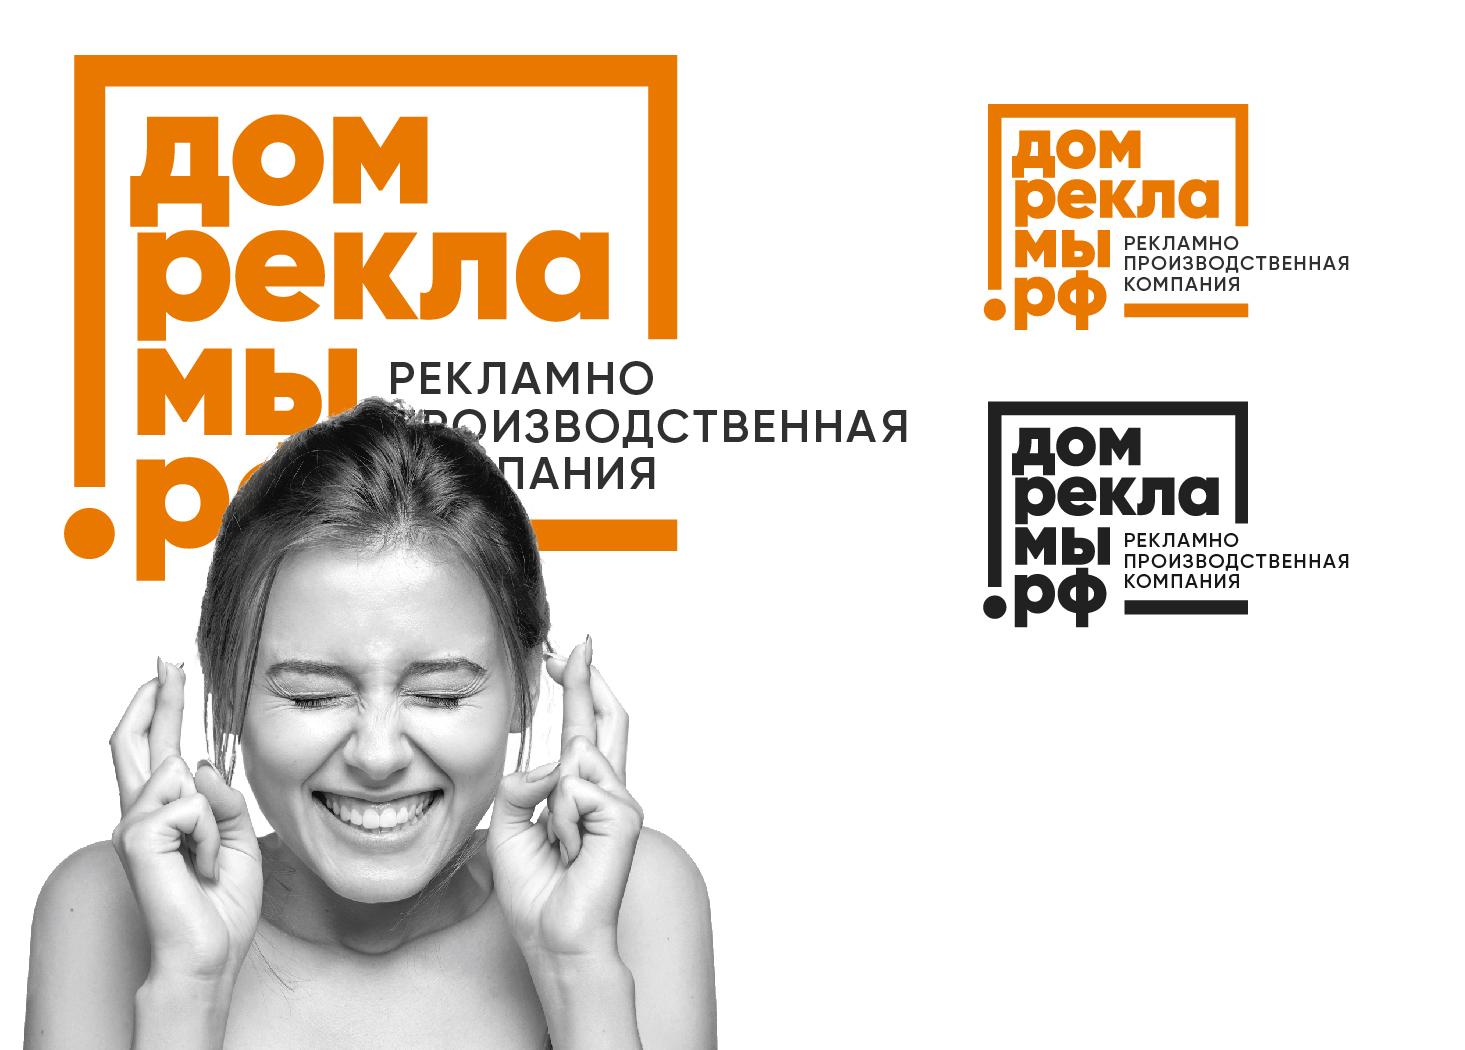 Дизайн логотипа рекламно-производственной компании фото f_8625ee0fb271736e.jpg